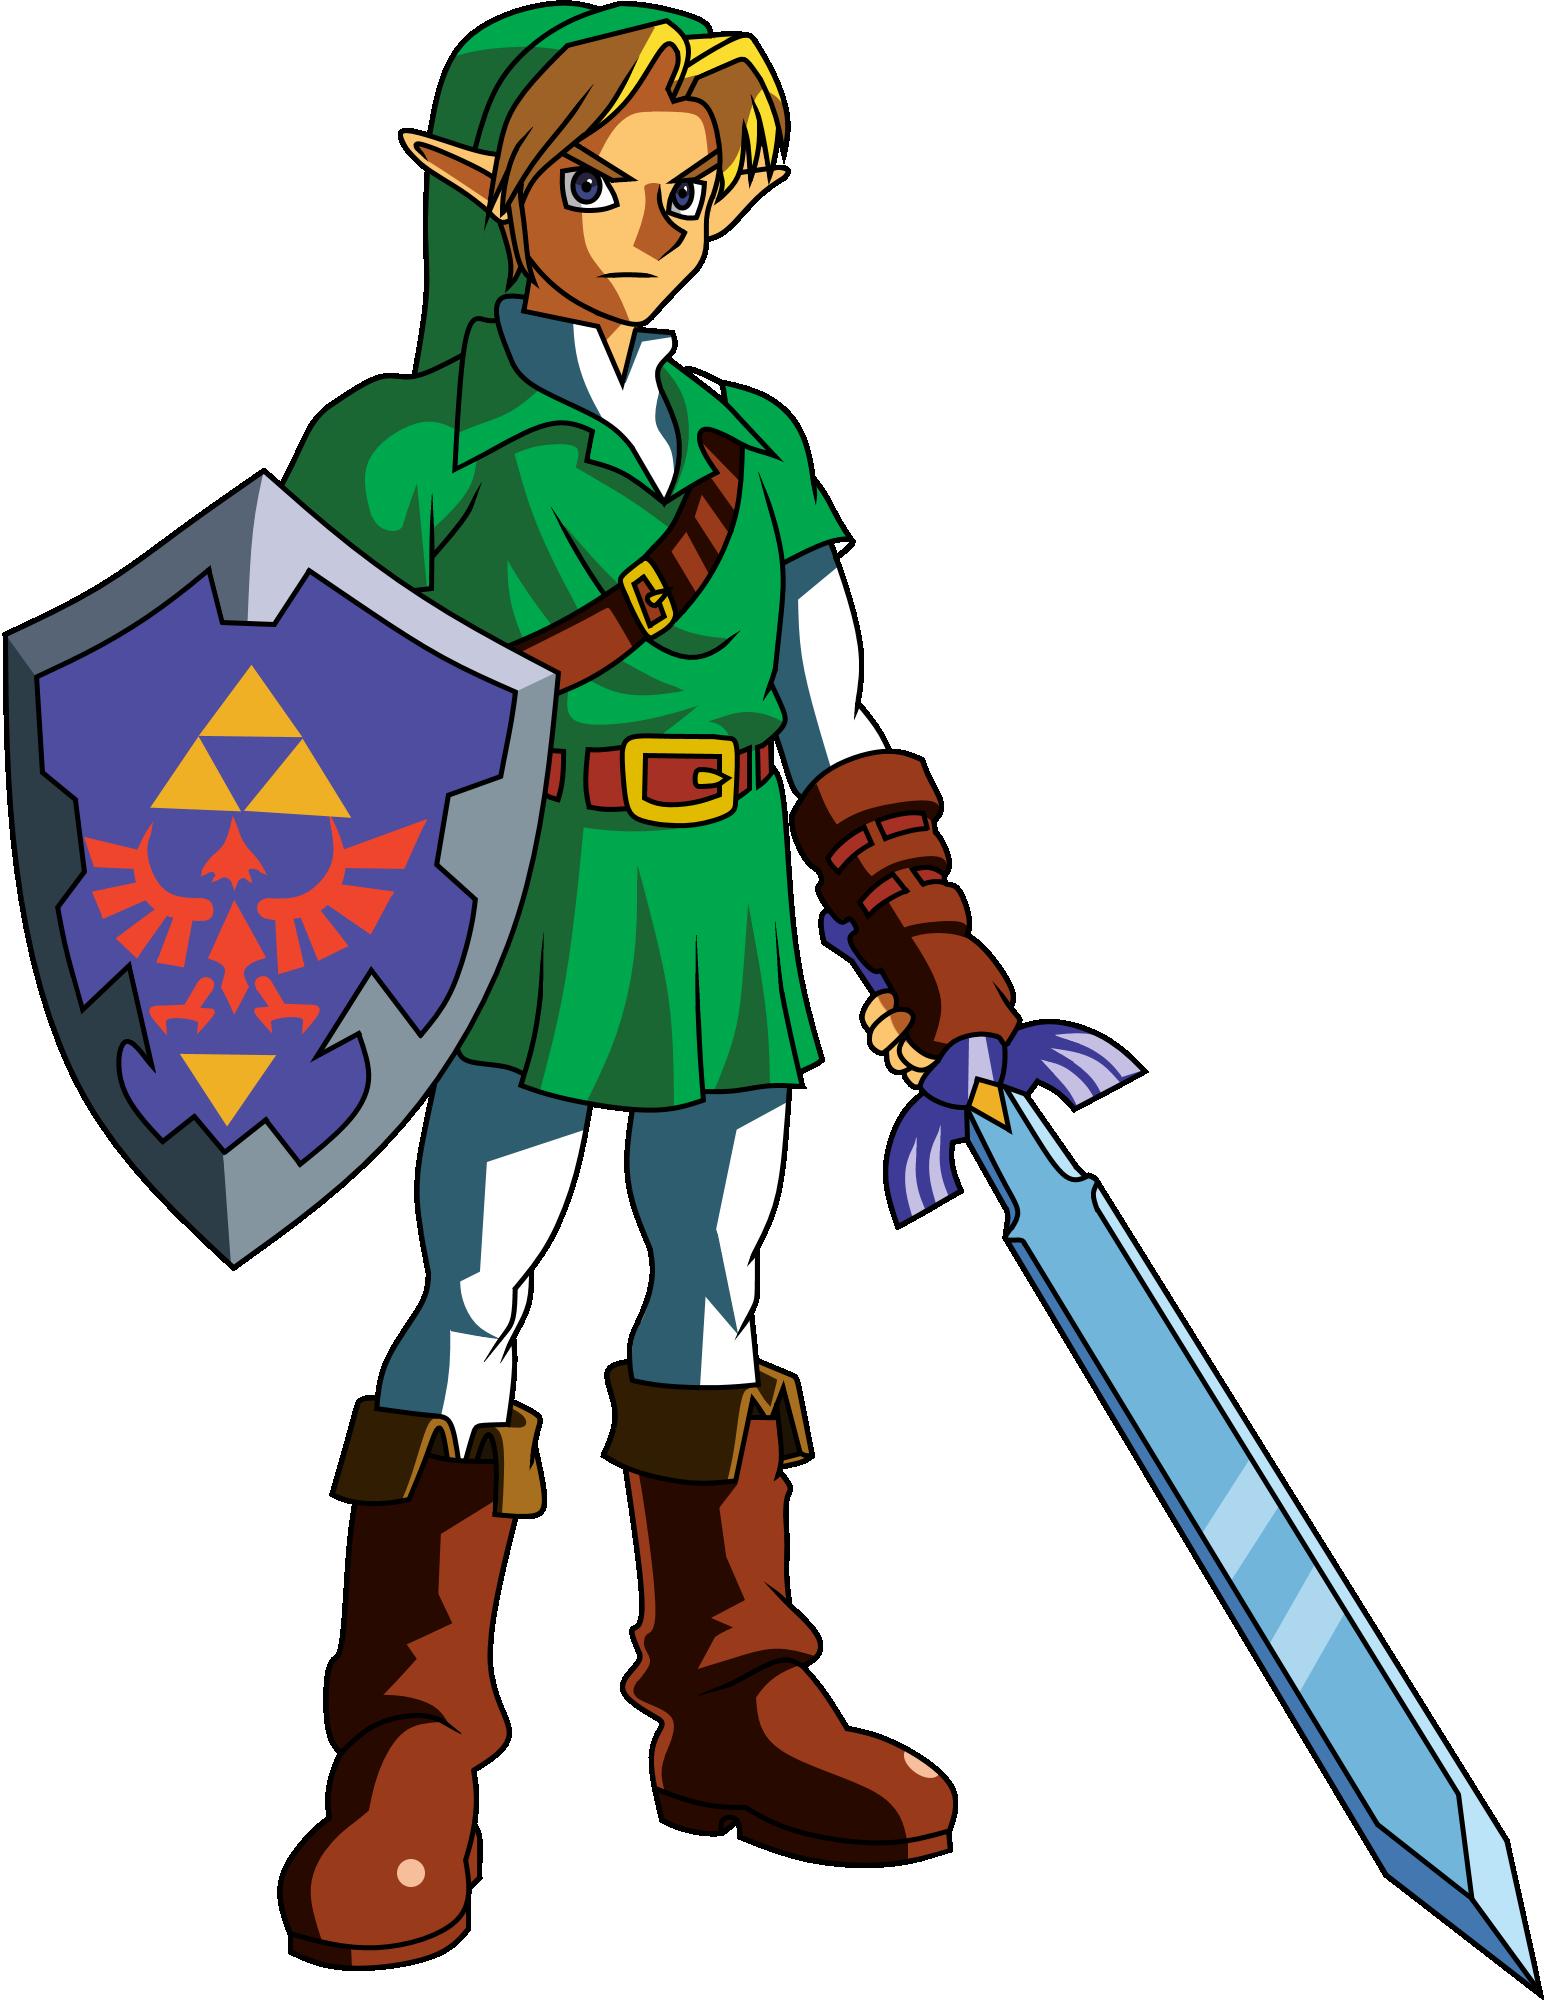 Link The Legend Of Zelda Ocarina Of Time Clipart Legend Of Zelda Ocarina Of Time 90s Nostalgia